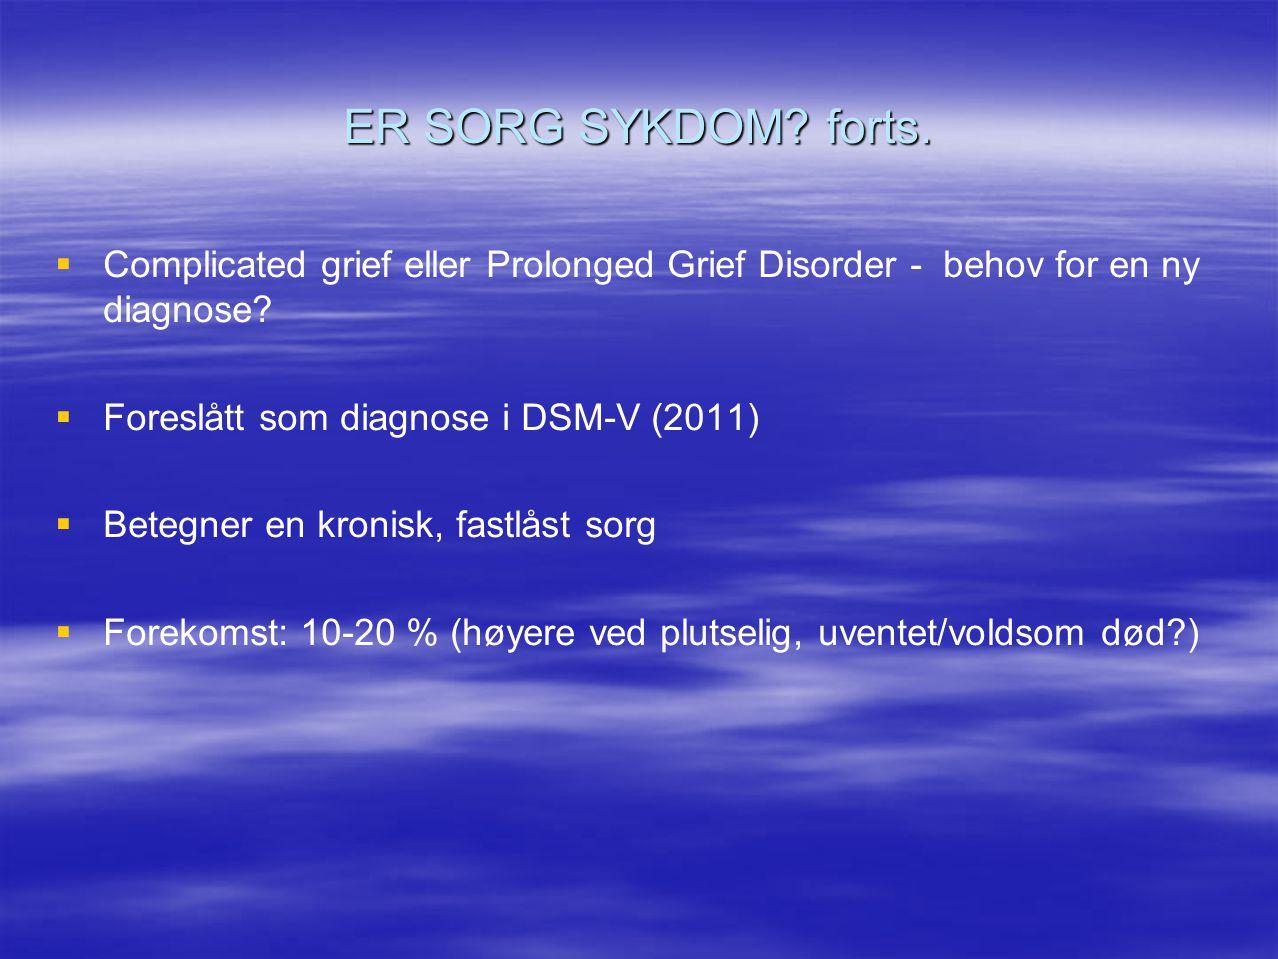 ER SORG SYKDOM? forts.   Complicated grief eller Prolonged Grief Disorder - behov for en ny diagnose?   Foreslått som diagnose i DSM-V (2011)  